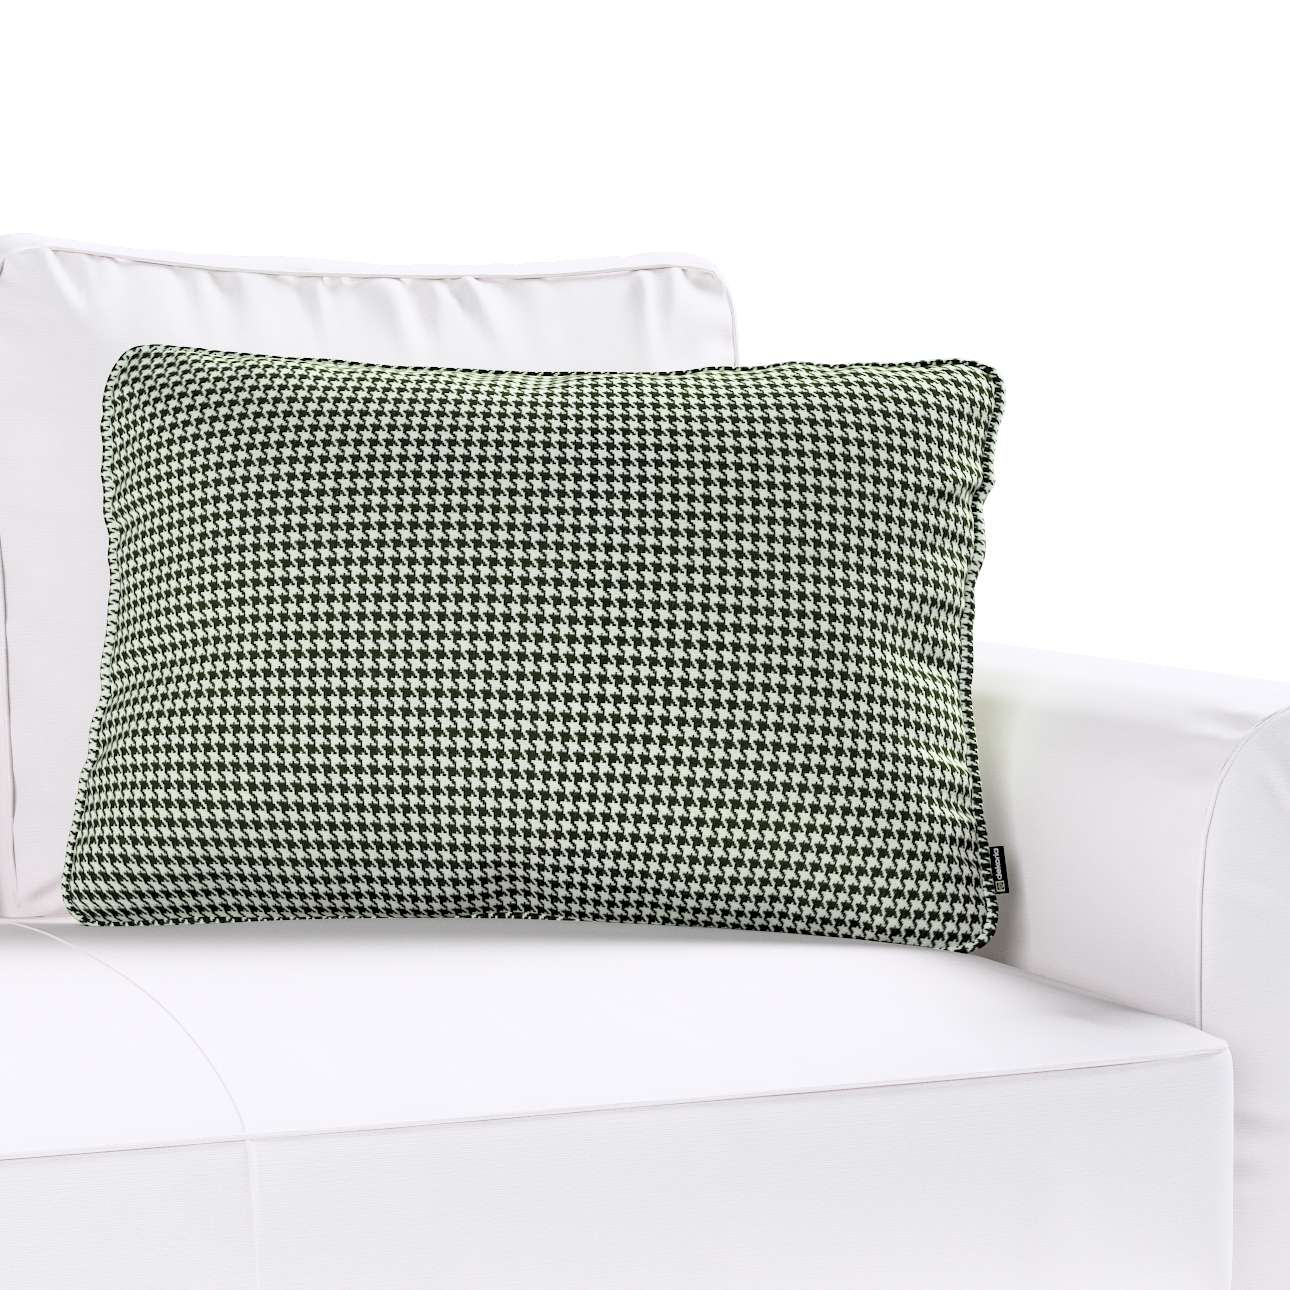 Poszewka Gabi na poduszkę prostokątna w kolekcji Black & White, tkanina: 142-77